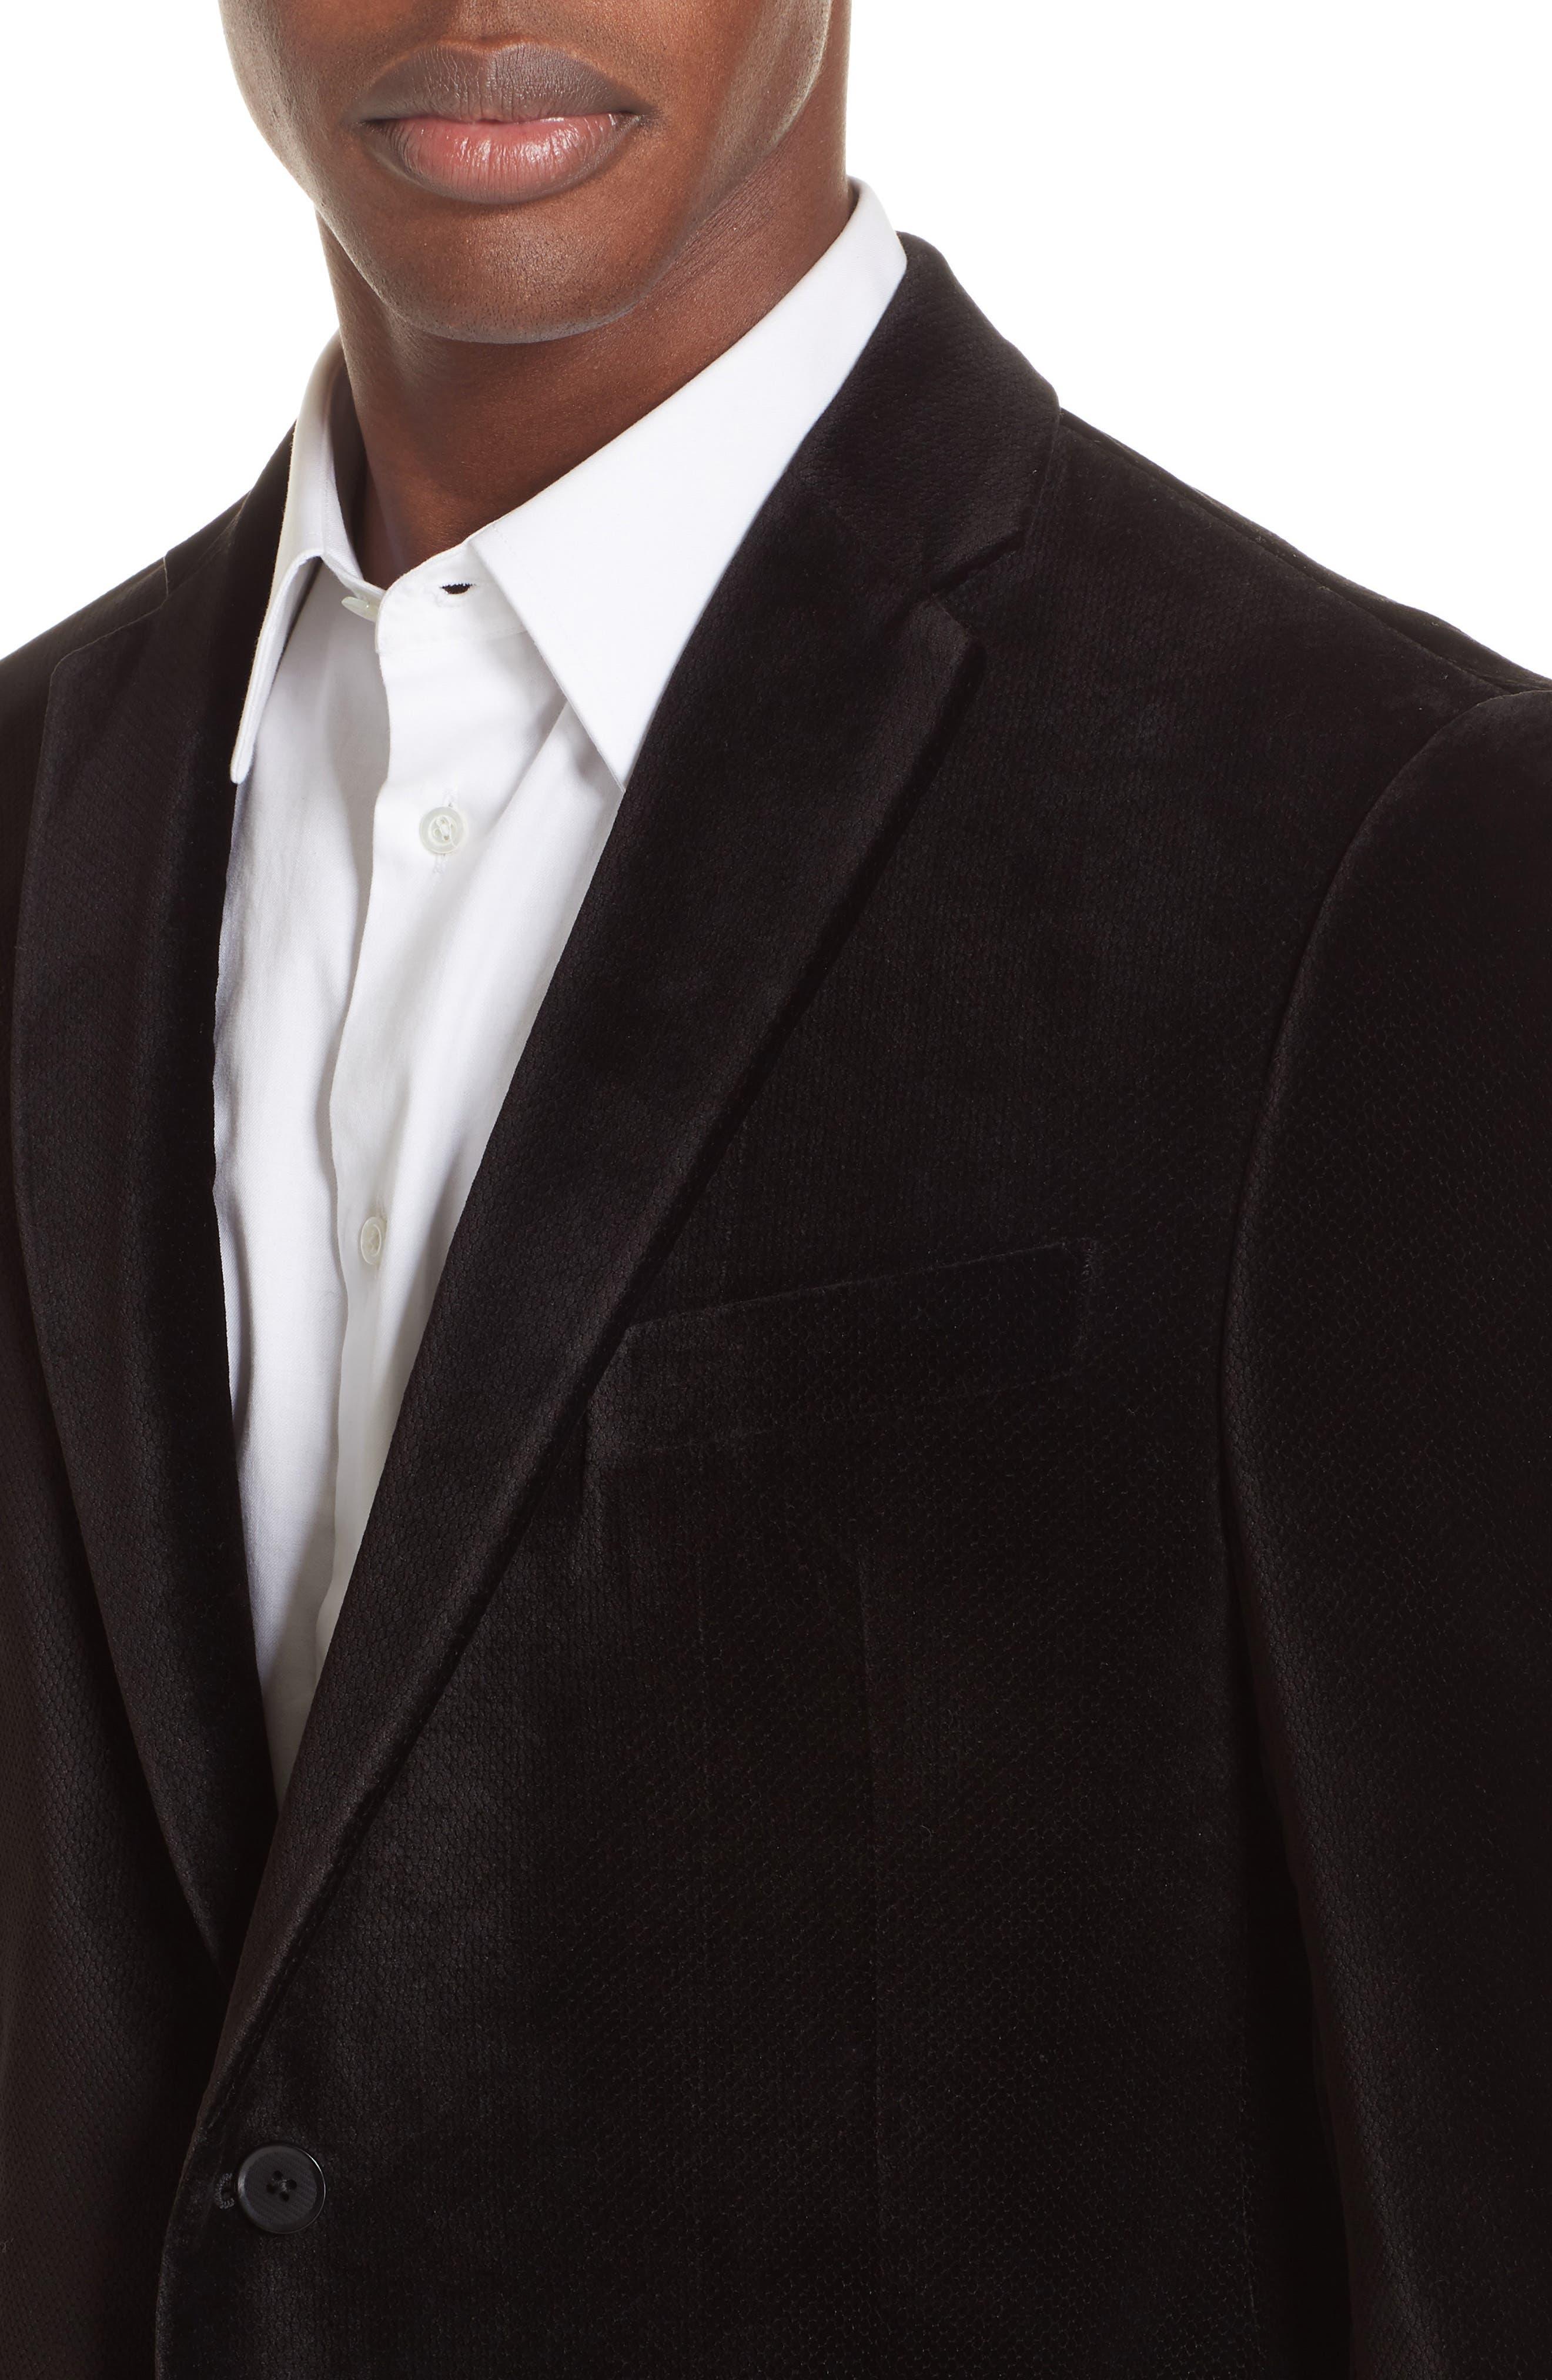 G-Line Trim Fit Velvet Blazer,                             Alternate thumbnail 4, color,                             BLACK